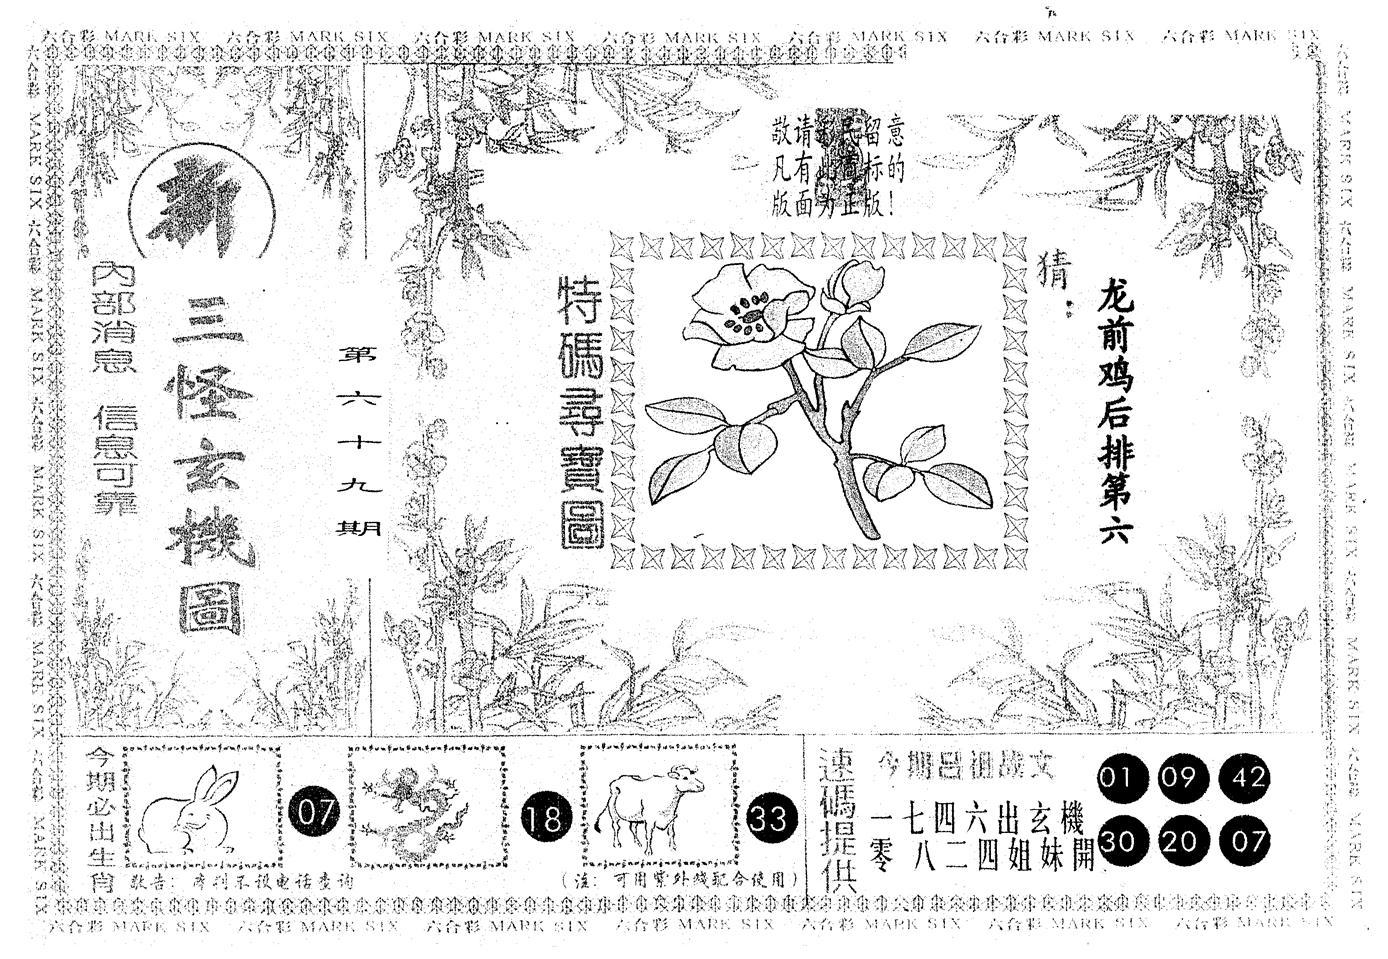 069期另版新三怪(黑白)